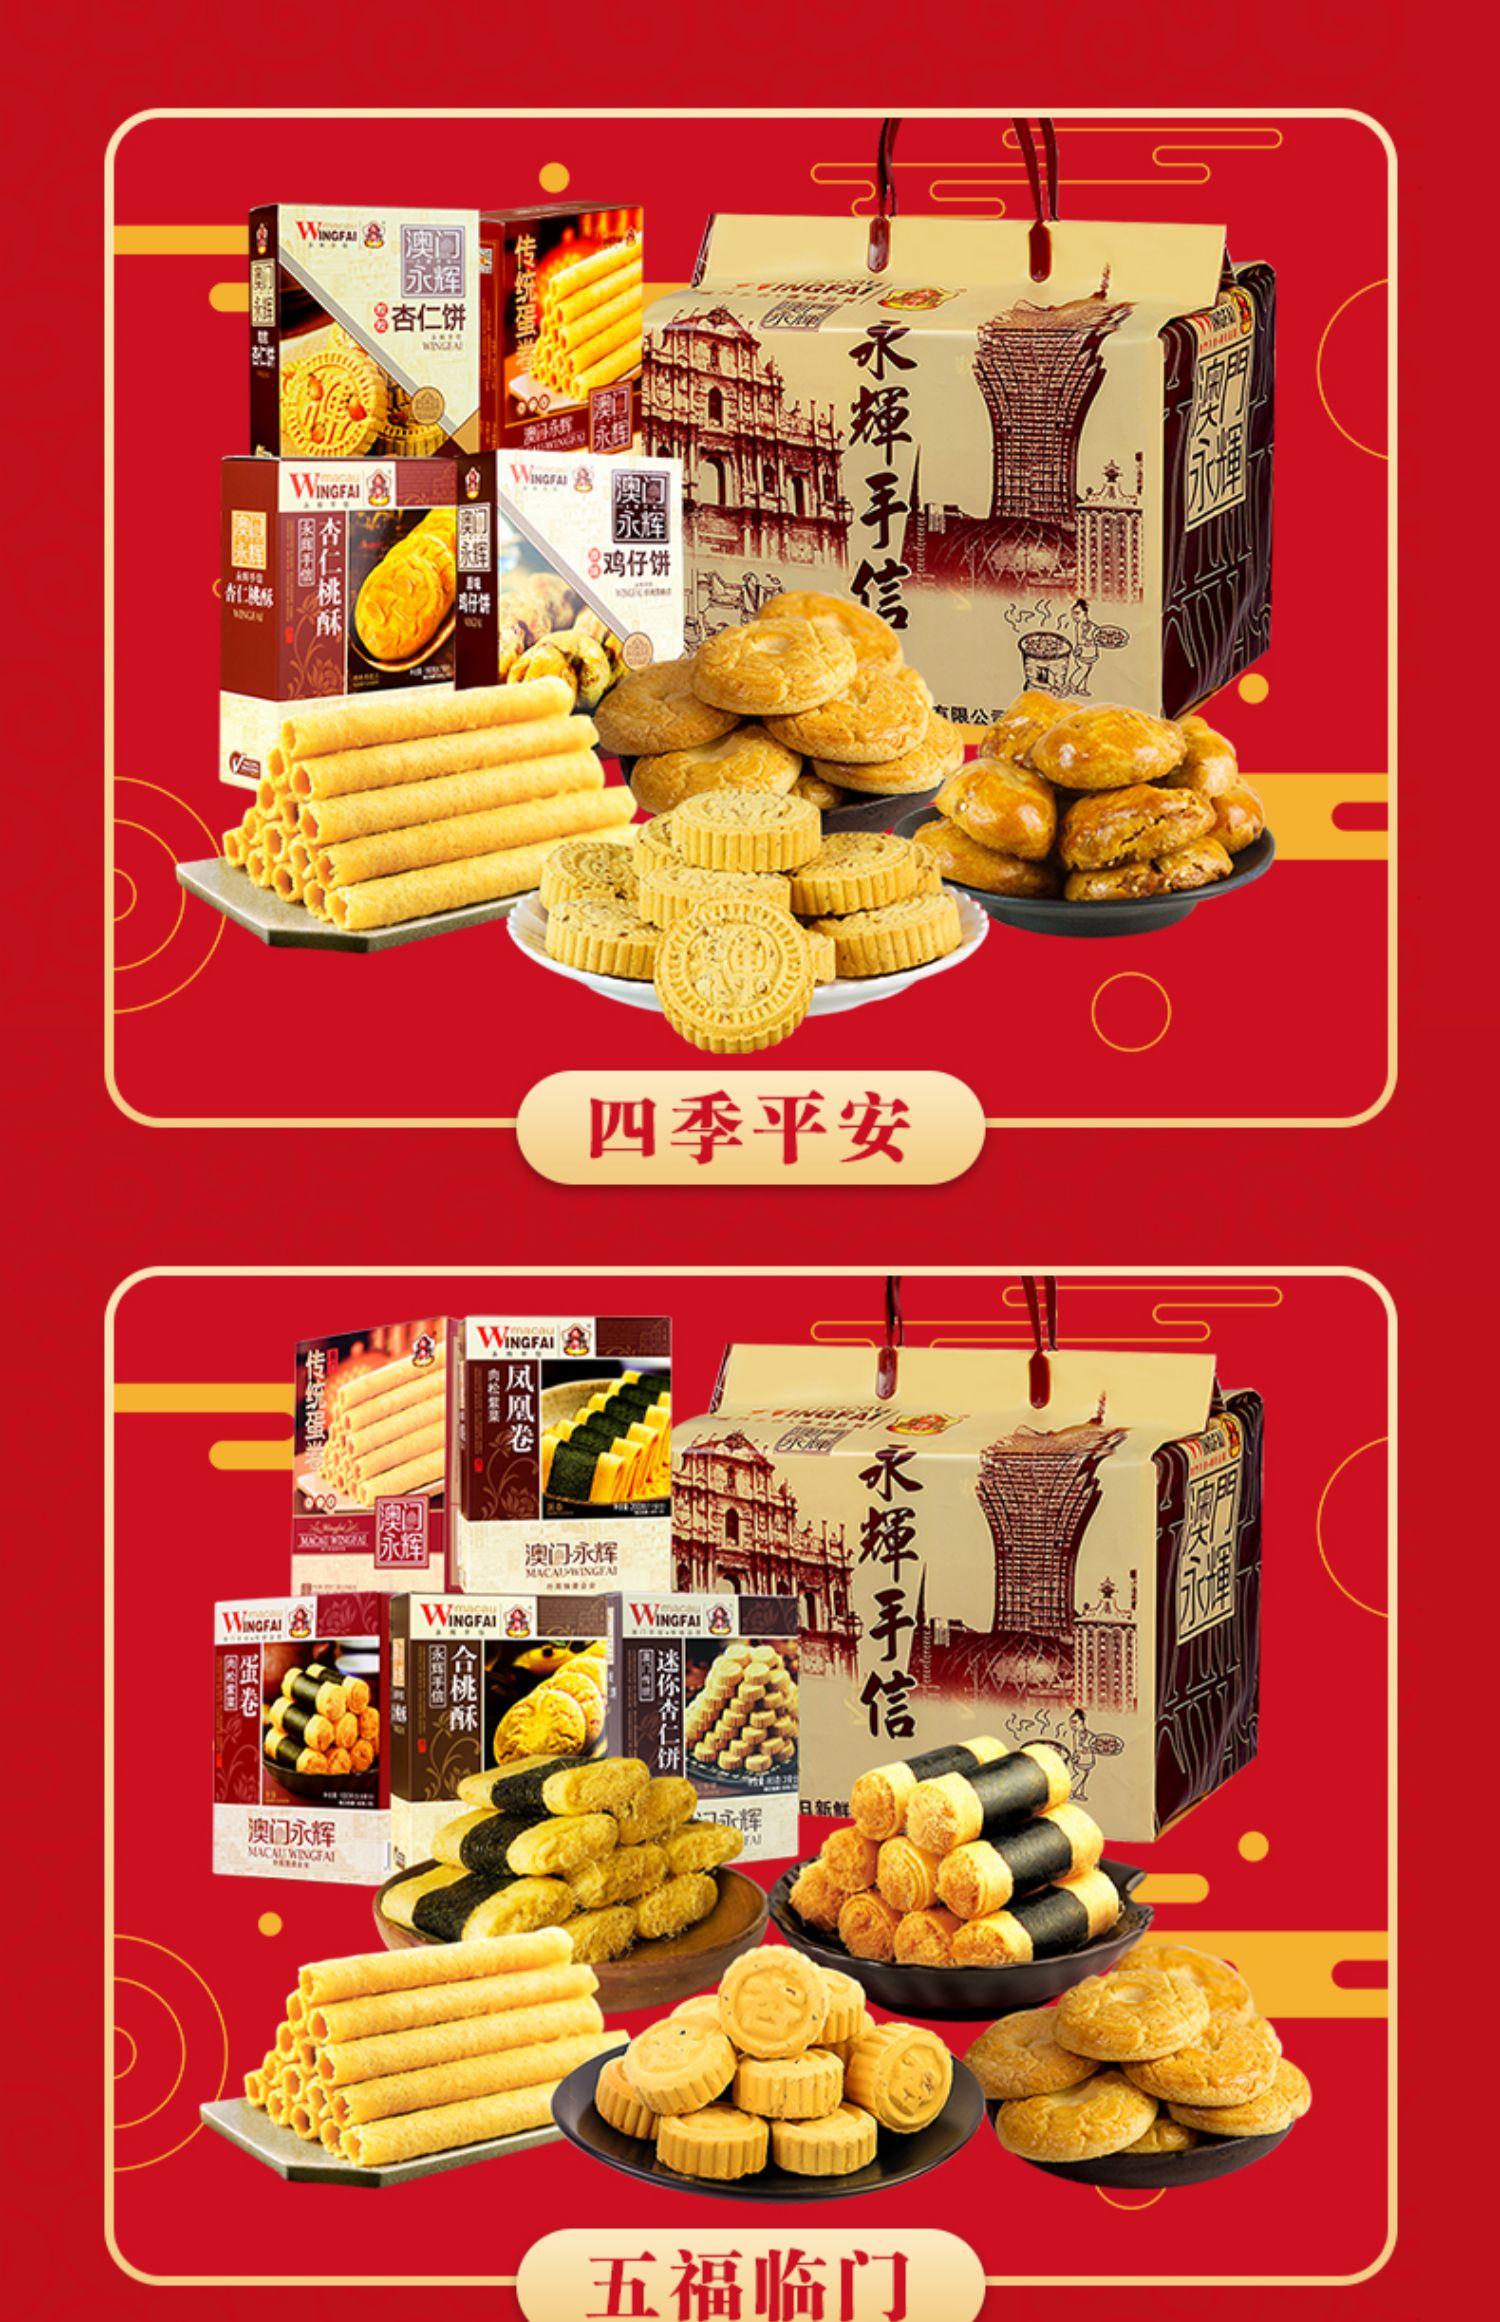 【澳门永辉】五福临门蛋卷零食礼包礼盒